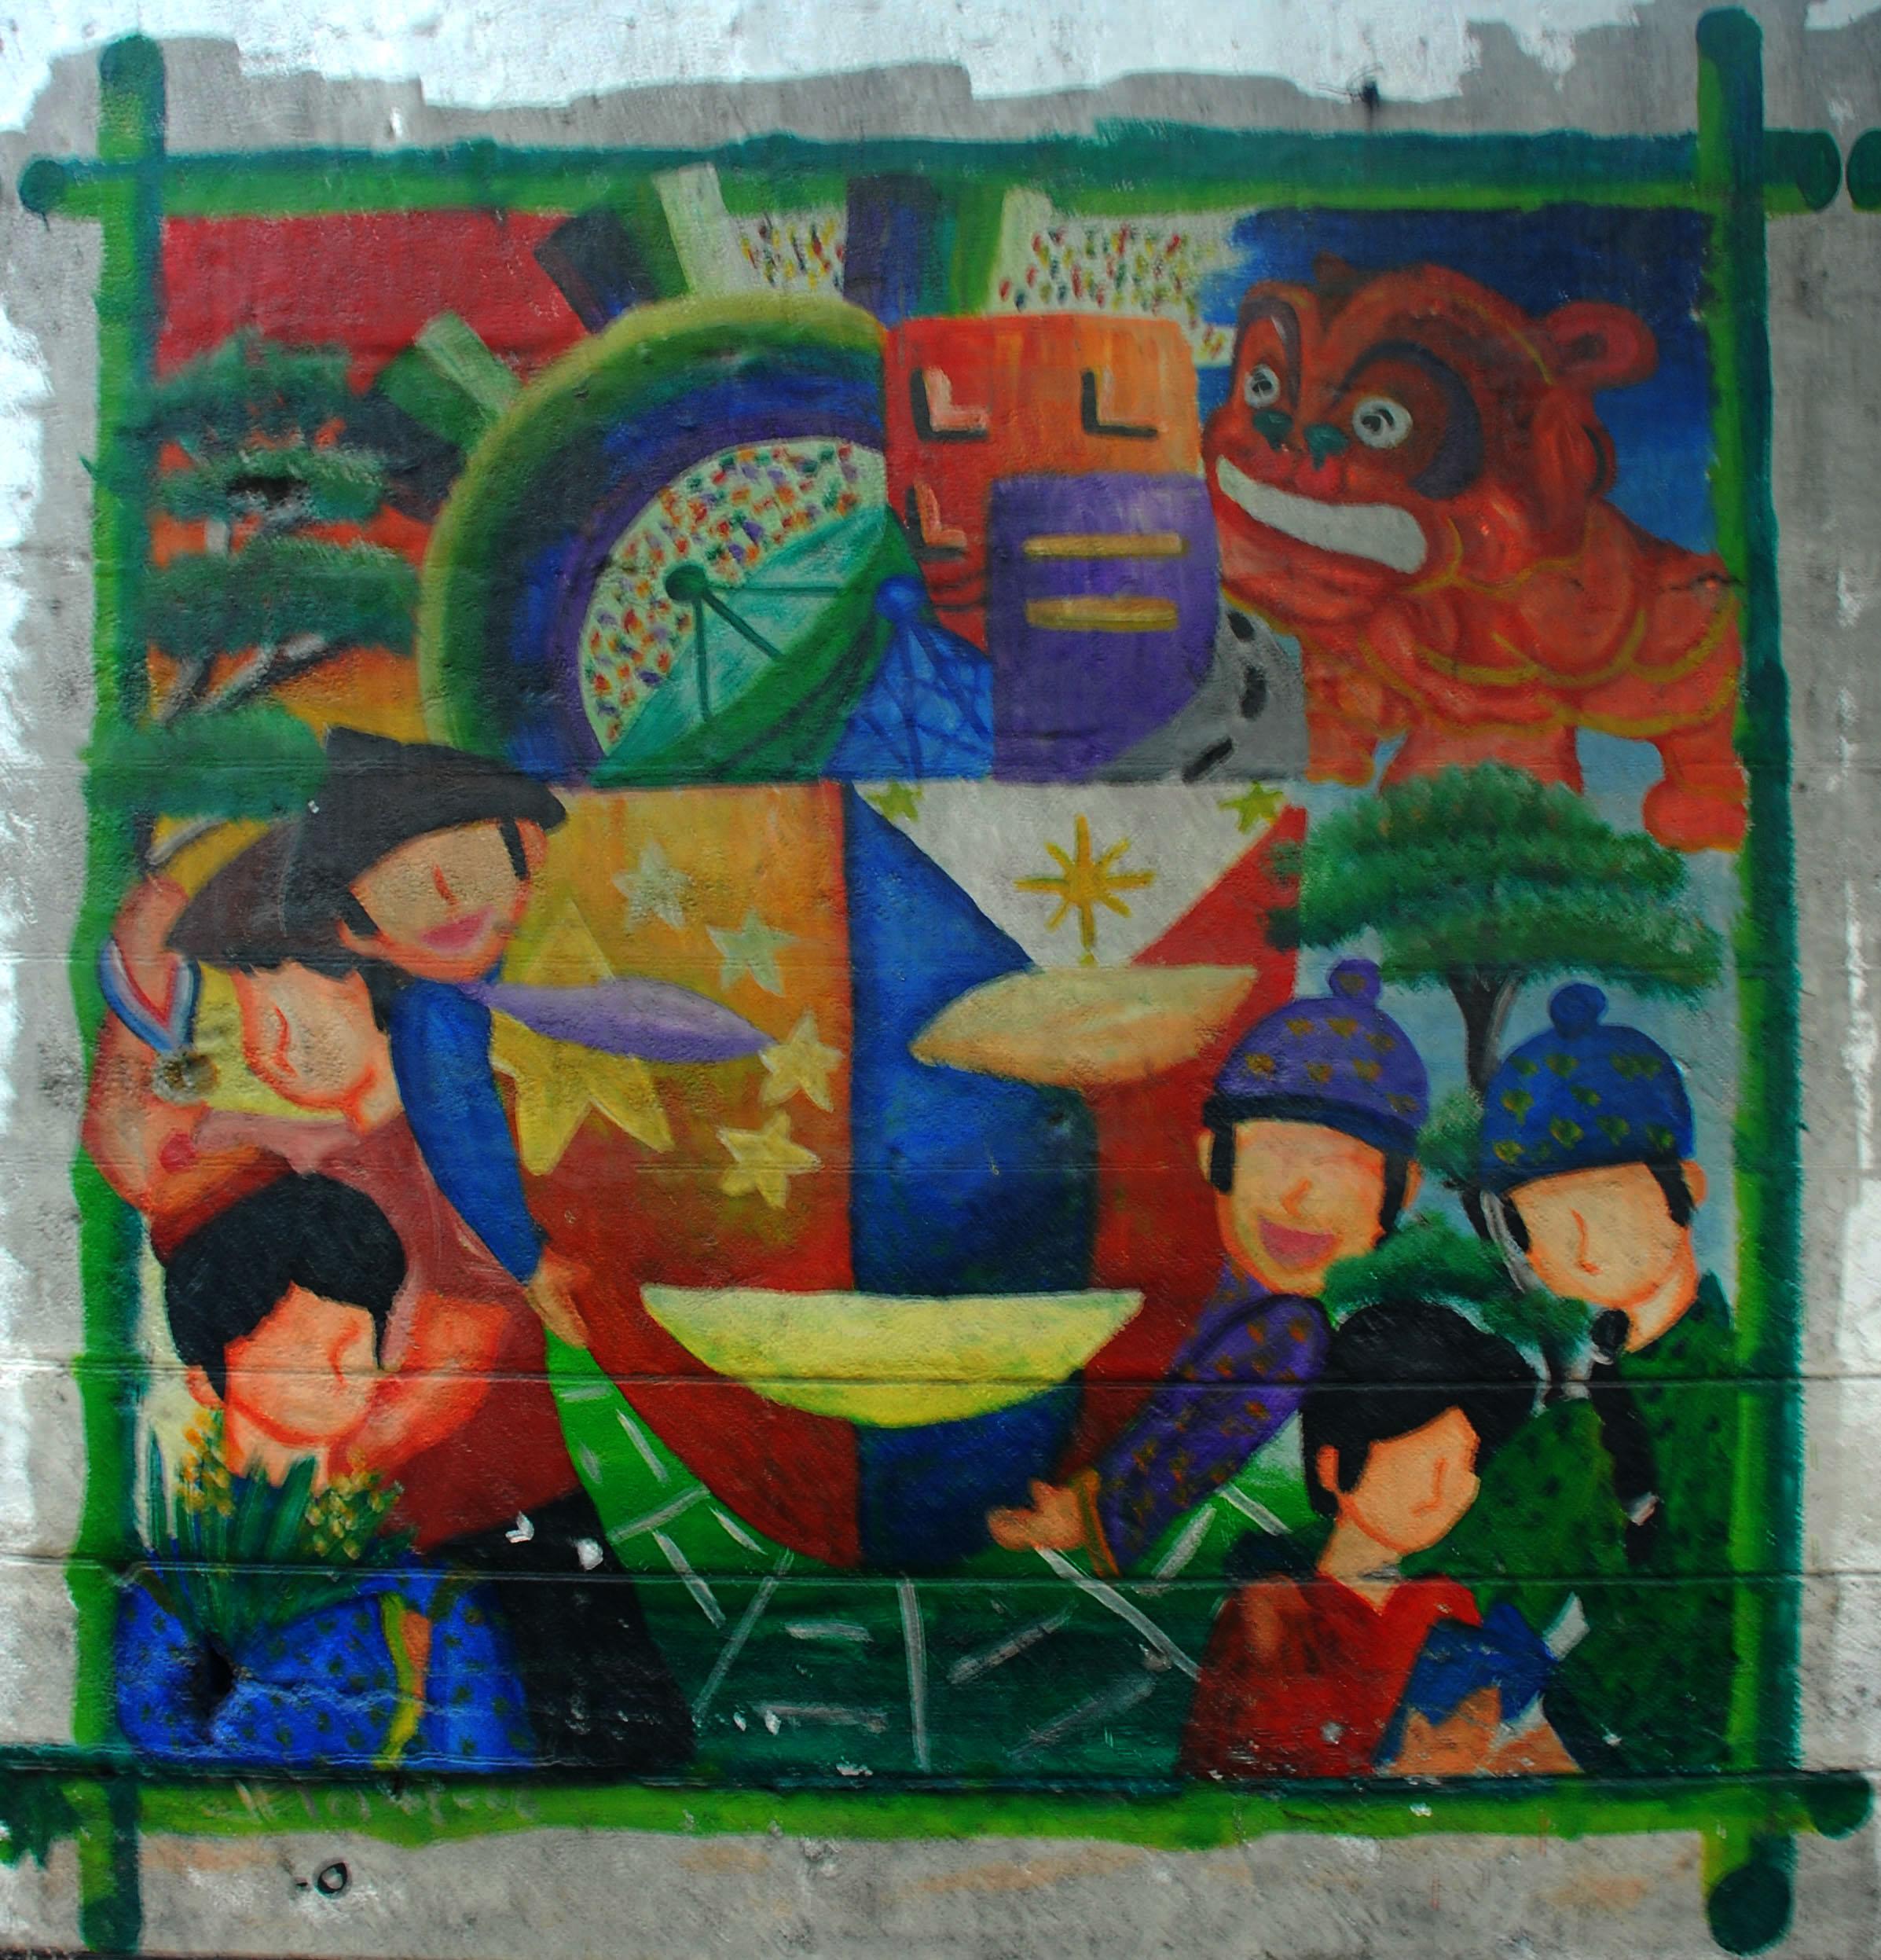 Murals Philippine Filipino Chinese Friendship Day 2007 31